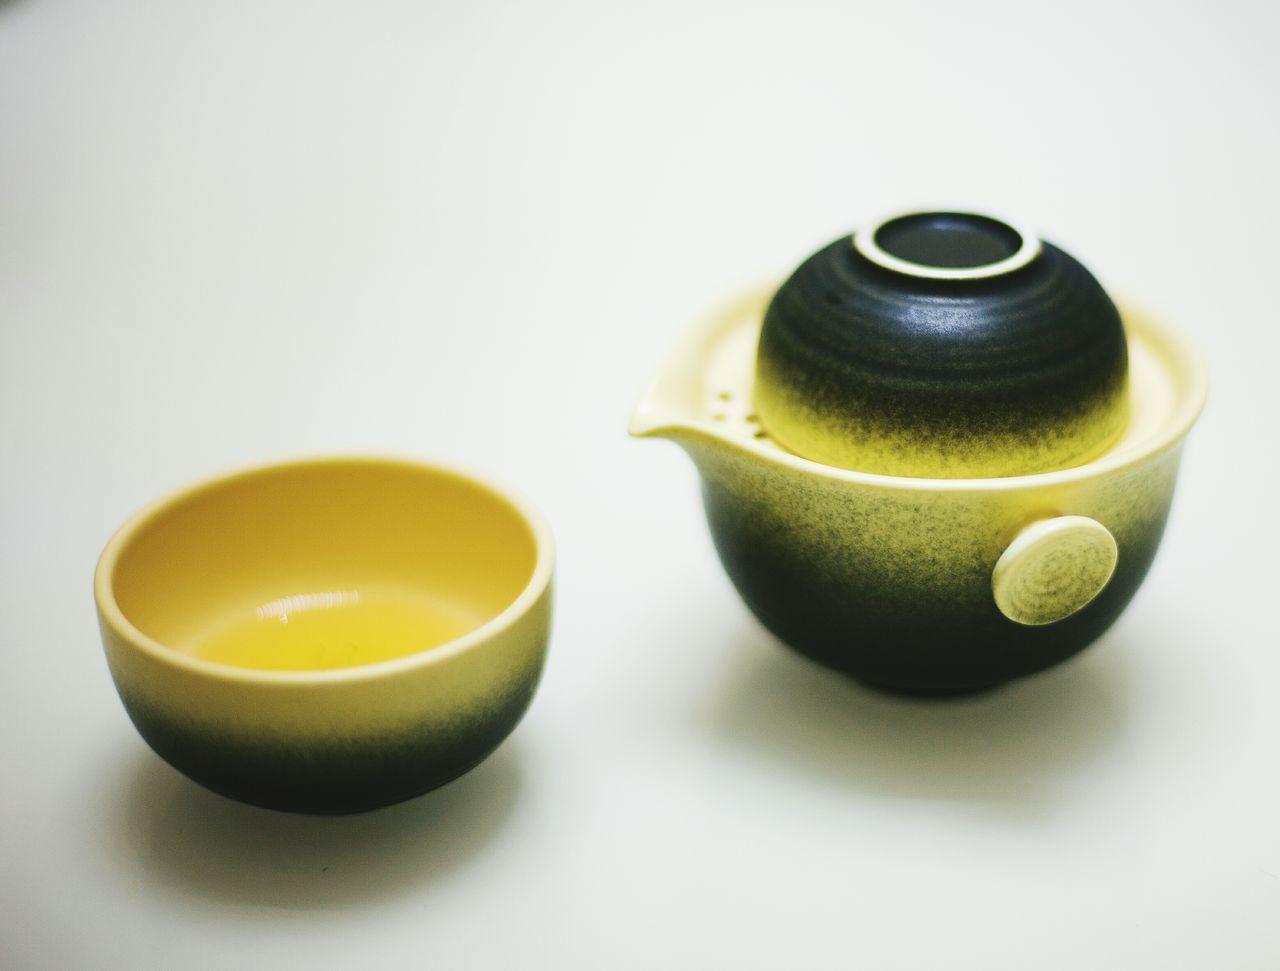 茶道 Green Tea Drink Tea Cup Tea - Hot Drink Cultures Refreshment Studio Shot Food And Drink Indoors  Close-up Teapot Healthy Eating No People Tea Ceremony Japanese Tea Cup White Background Day